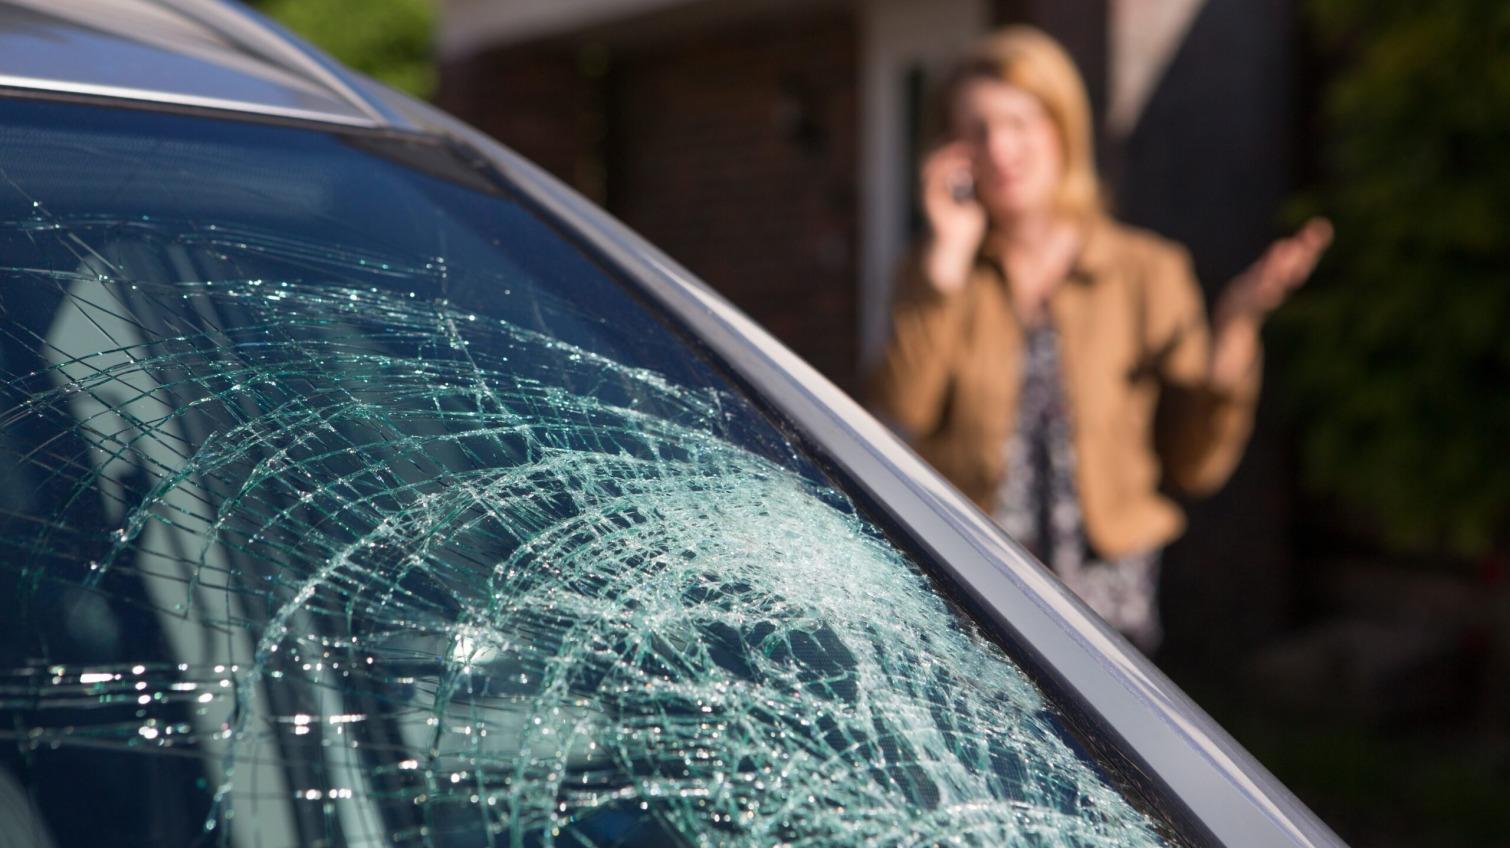 На Таирова трое парней разбили авто (фото) «фото»